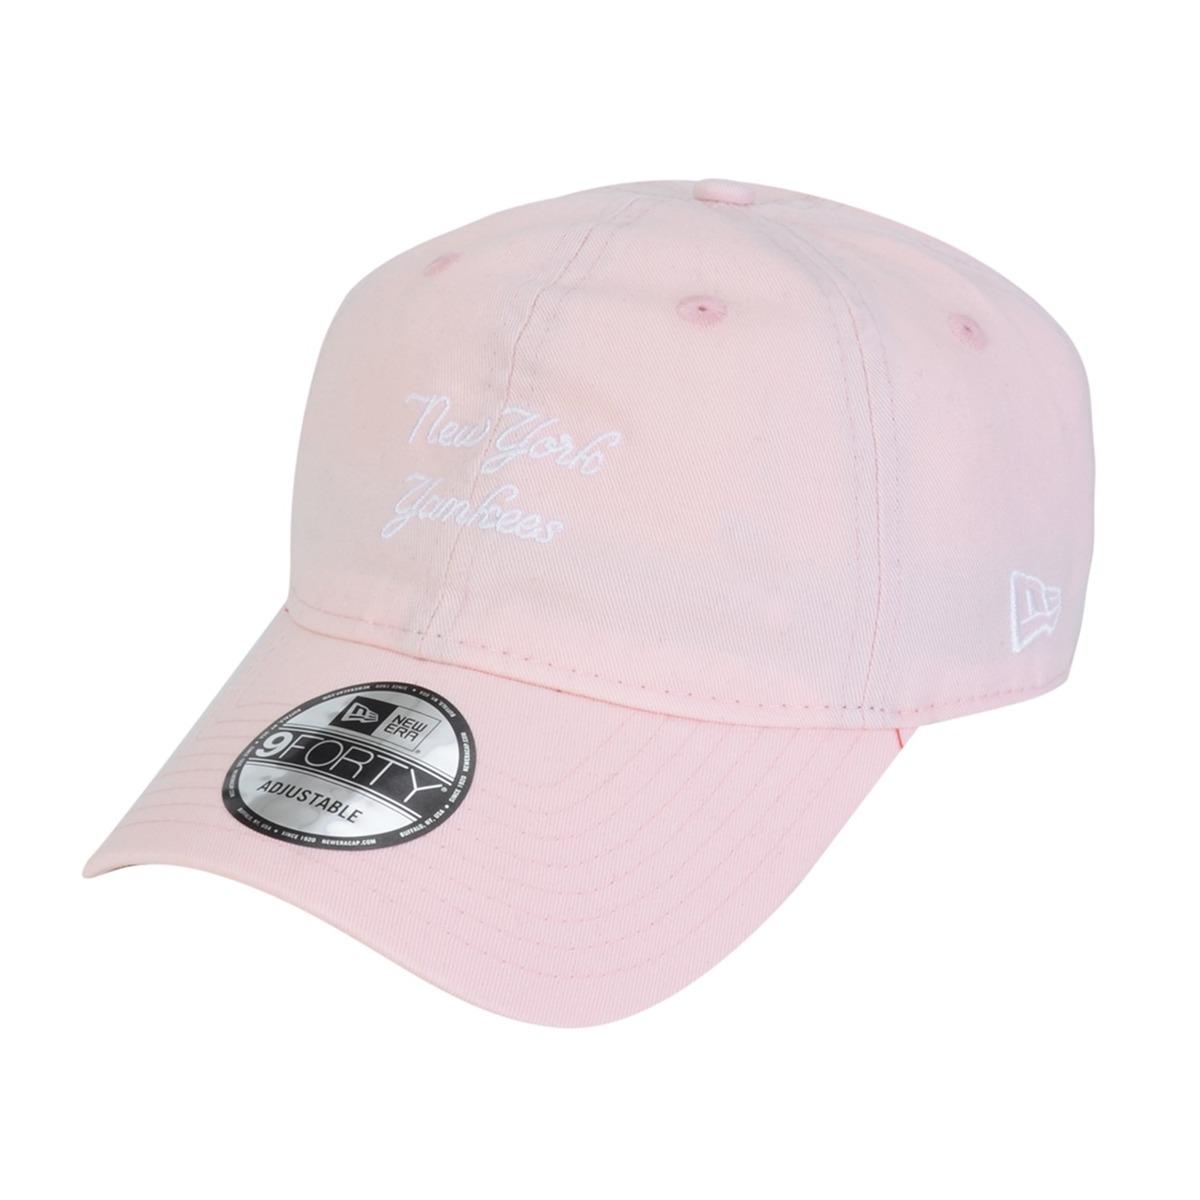 boné new era aba curva dad hat new york yankees - rosa. Carregando zoom. 62b0a4cceed